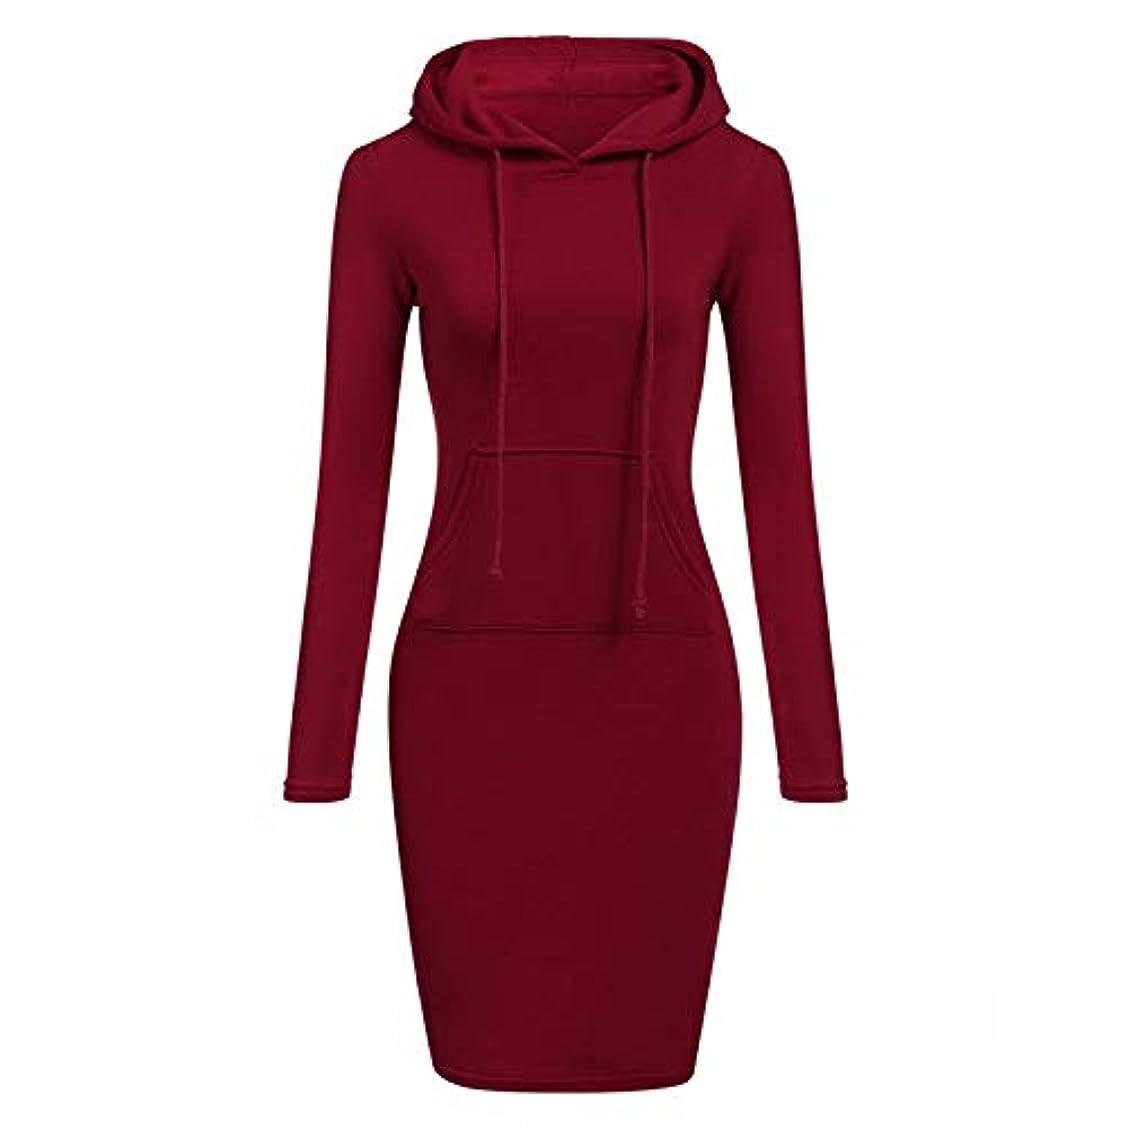 最大のドック受け入れたMaxcrestas - ファッションフード付き巾着フリースの女性のドレス秋冬はドレス女性Vestidosパーカースウェットシャツドレスを温めます